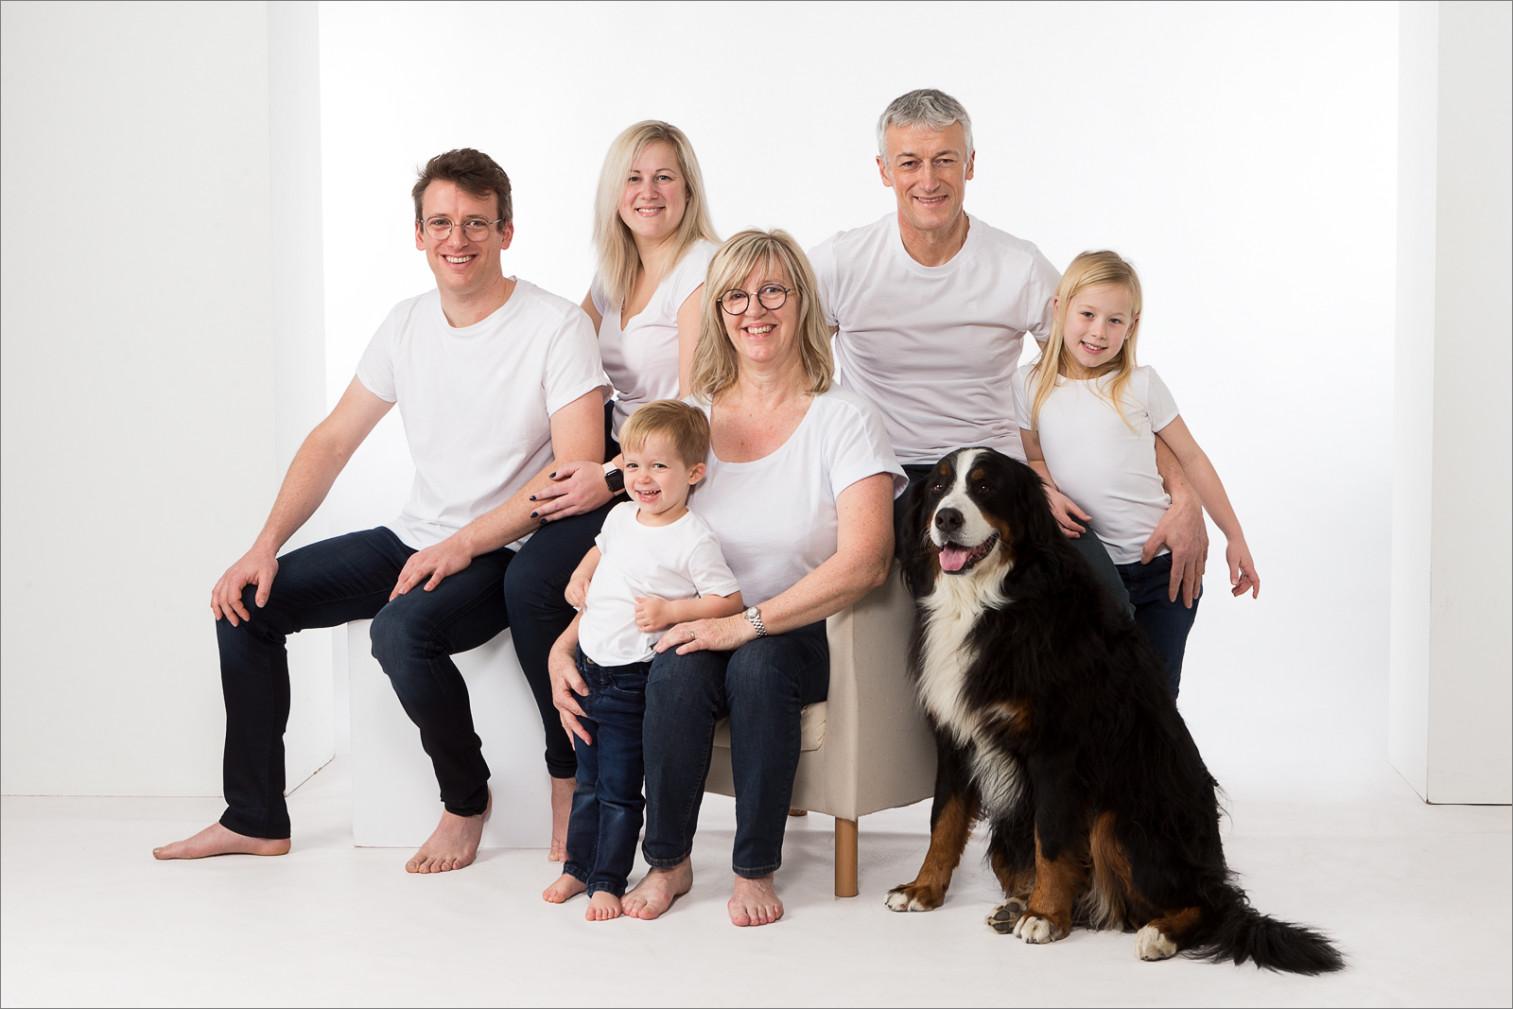 familiefoto_2020_002.jpg